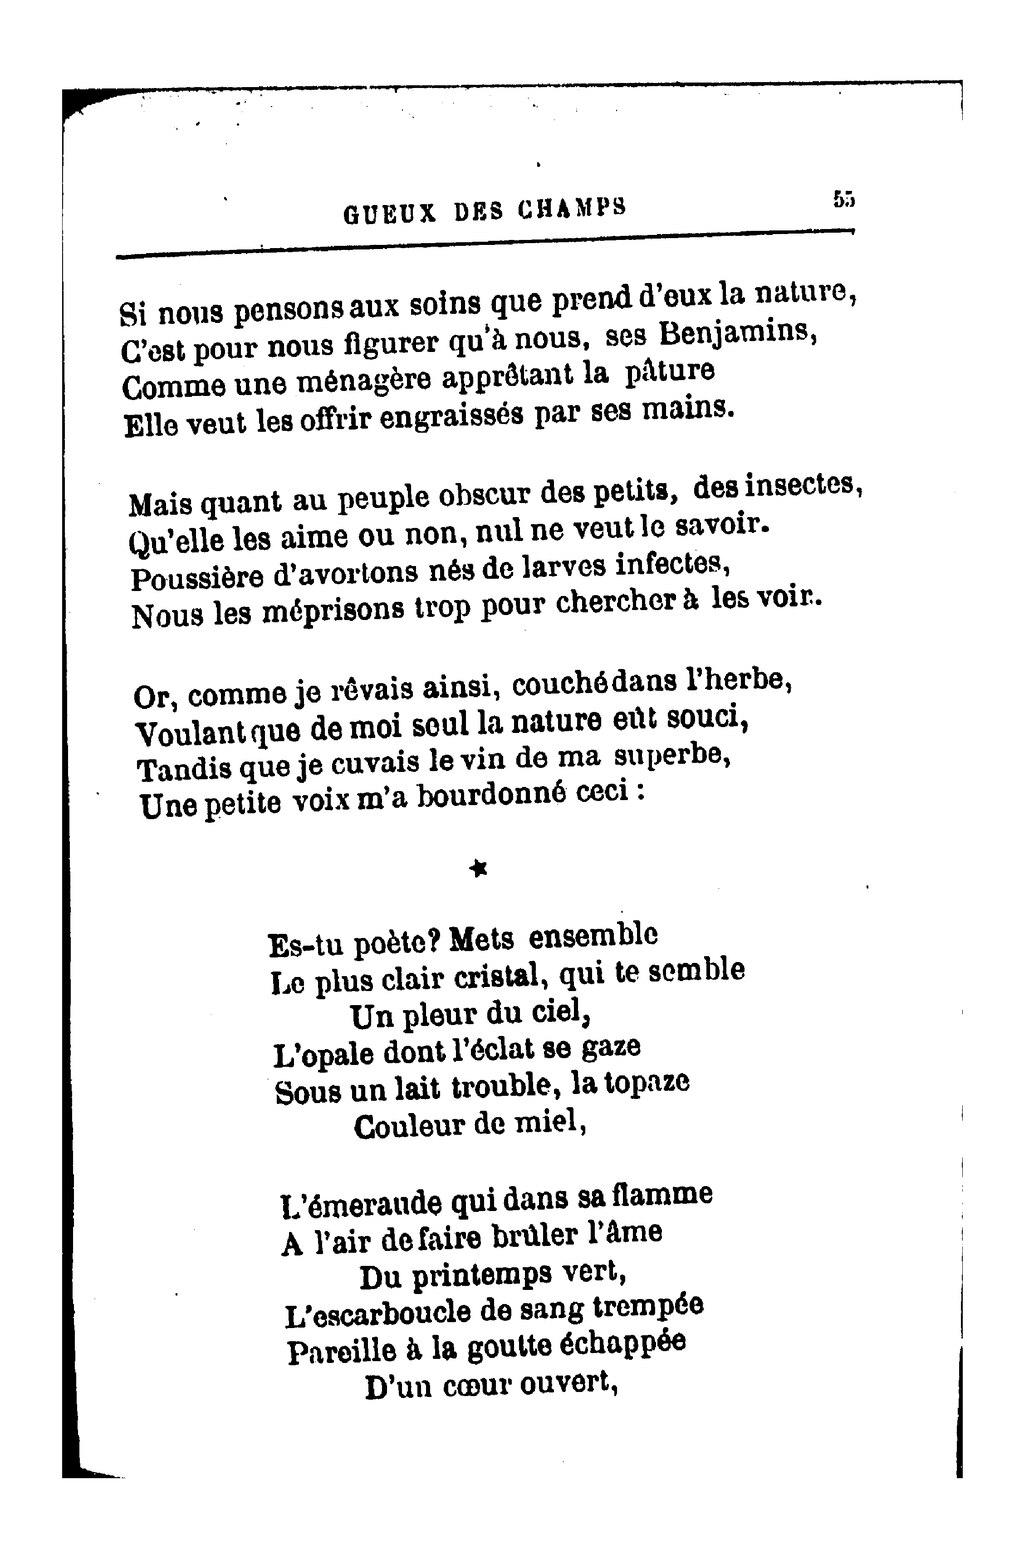 Pagerichepin La Chanson Des Gueux 1881djvu92 Wikisource